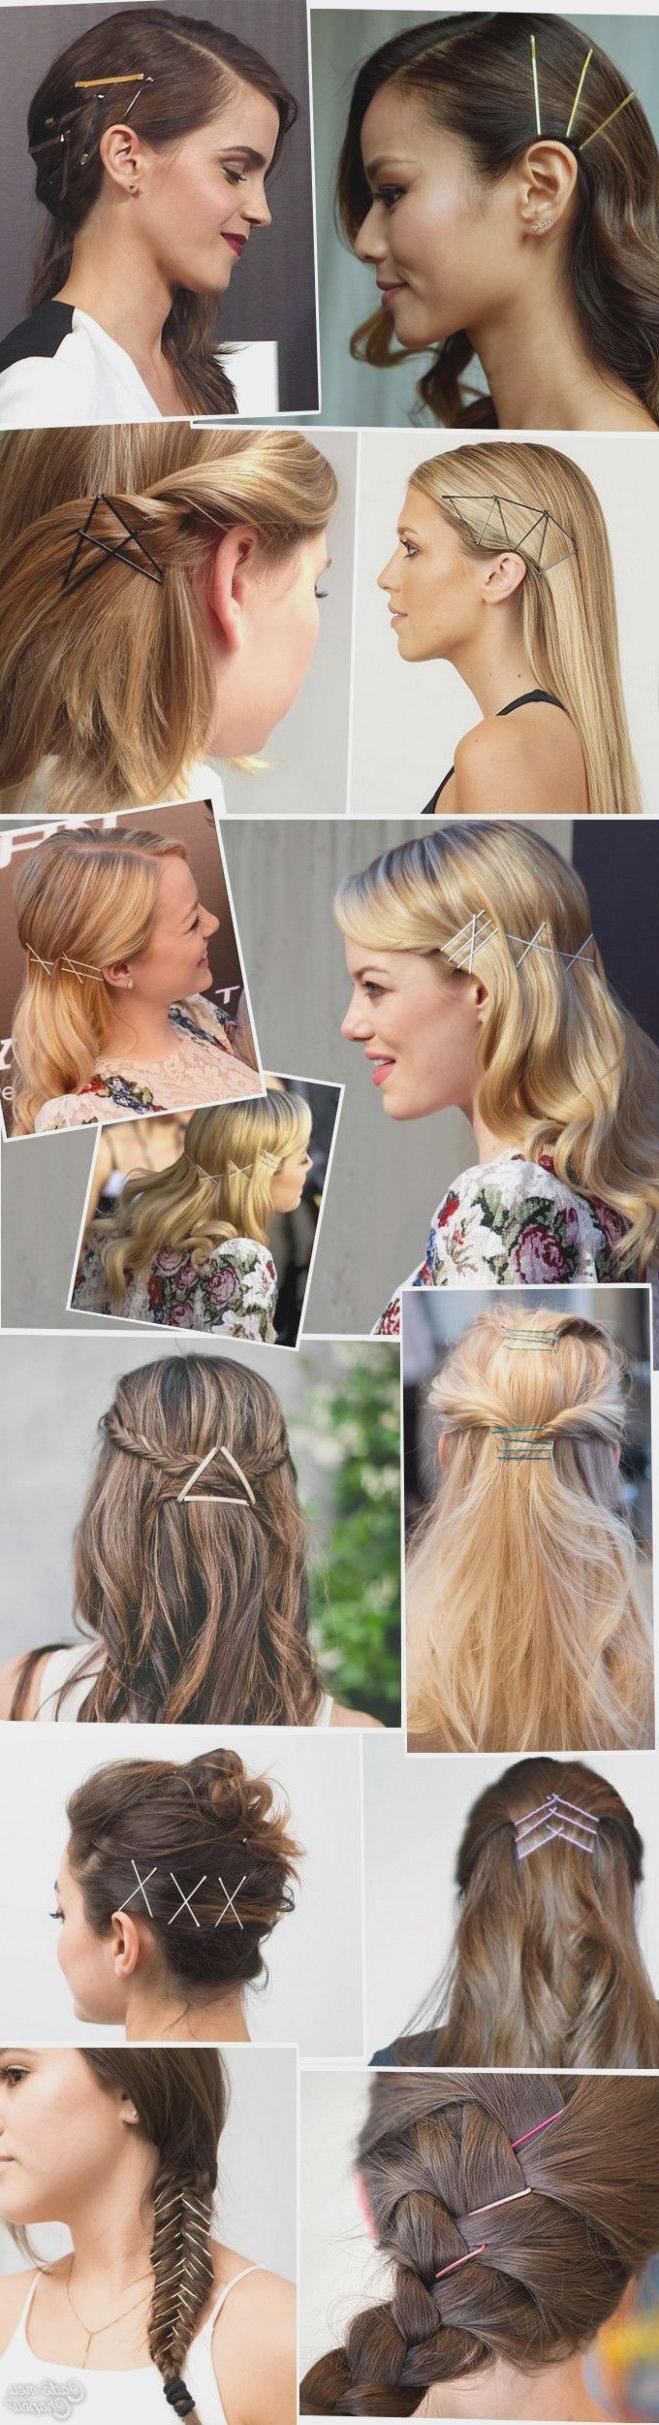 Most Current Medium Hairstyles With Bobby Pins Pertaining To Er Frisyrer Med Bobby Pins For Medium Hår Noe Bra? 32 Måter Du Kan (View 16 of 20)